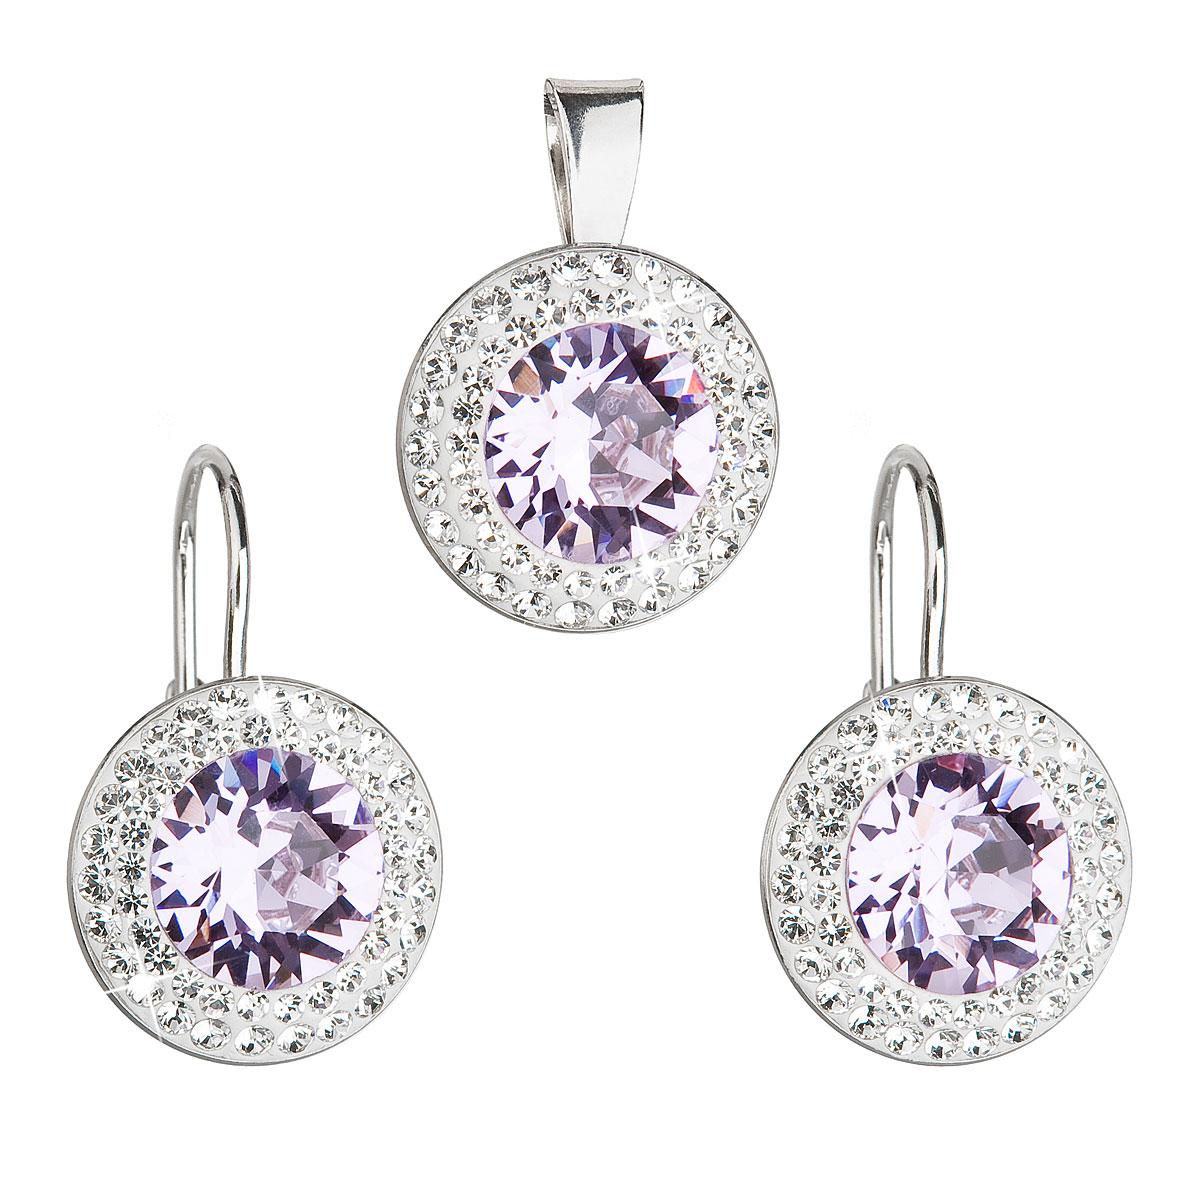 Sada šperkov s krištáľmi Swarovski náušnice a prívesok fialové okrúhle 39107.3